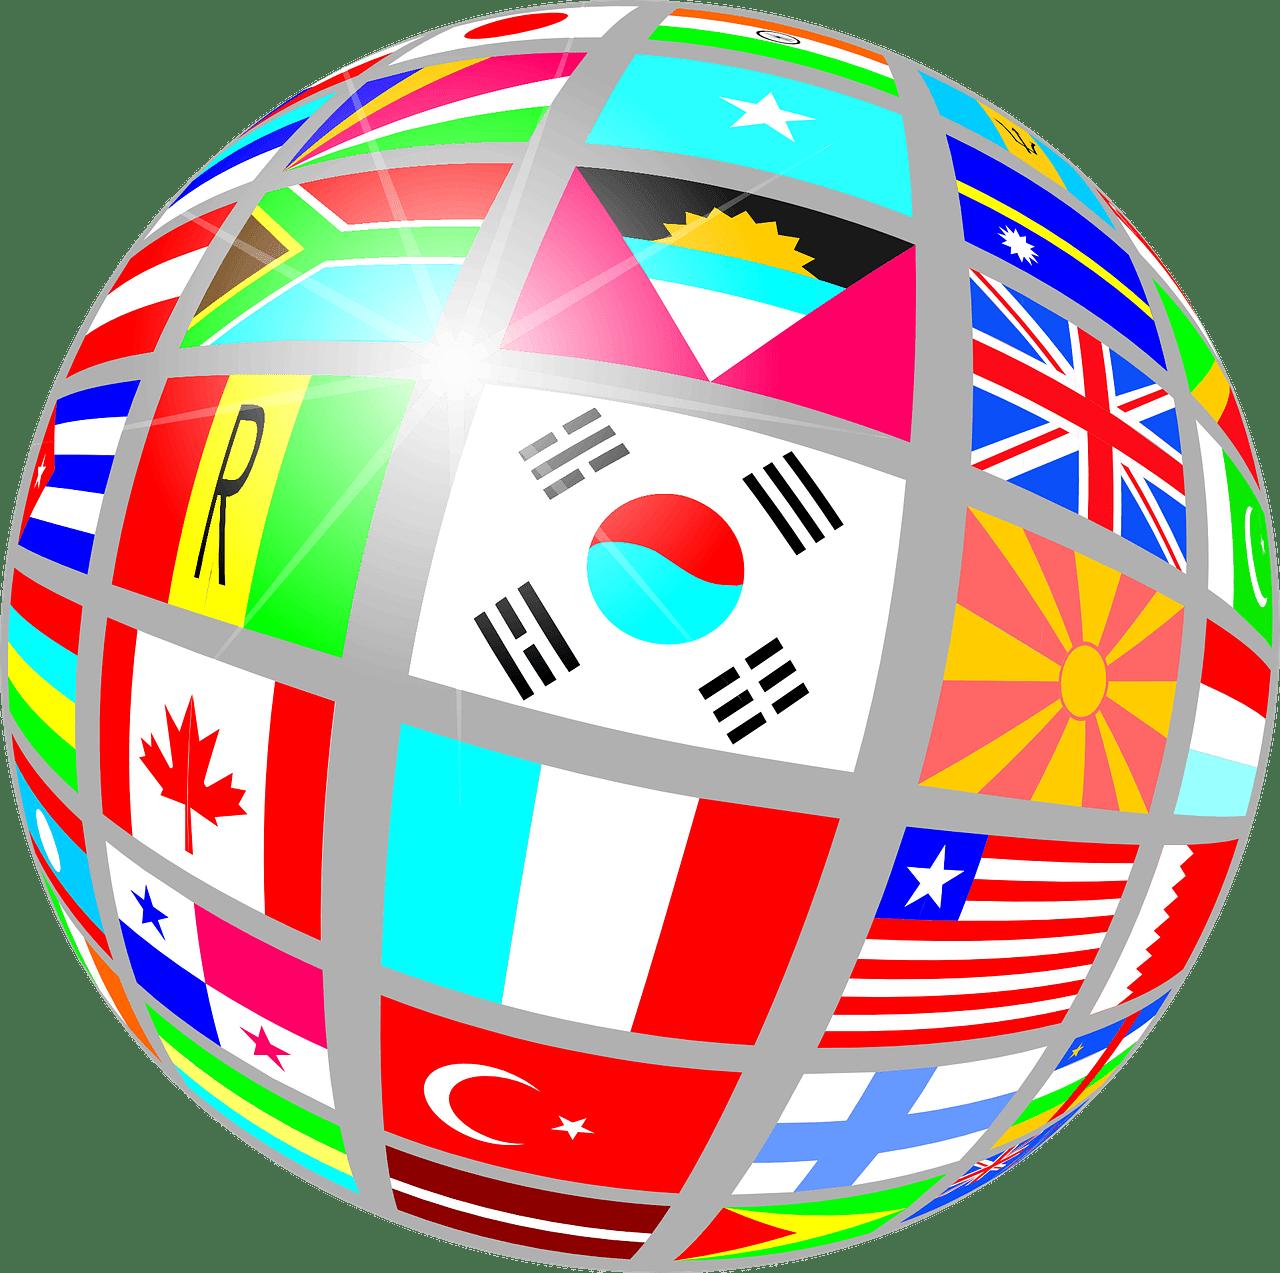 Mitarbeiter und Fachkräfte aus dem Ausland finden und einstellen